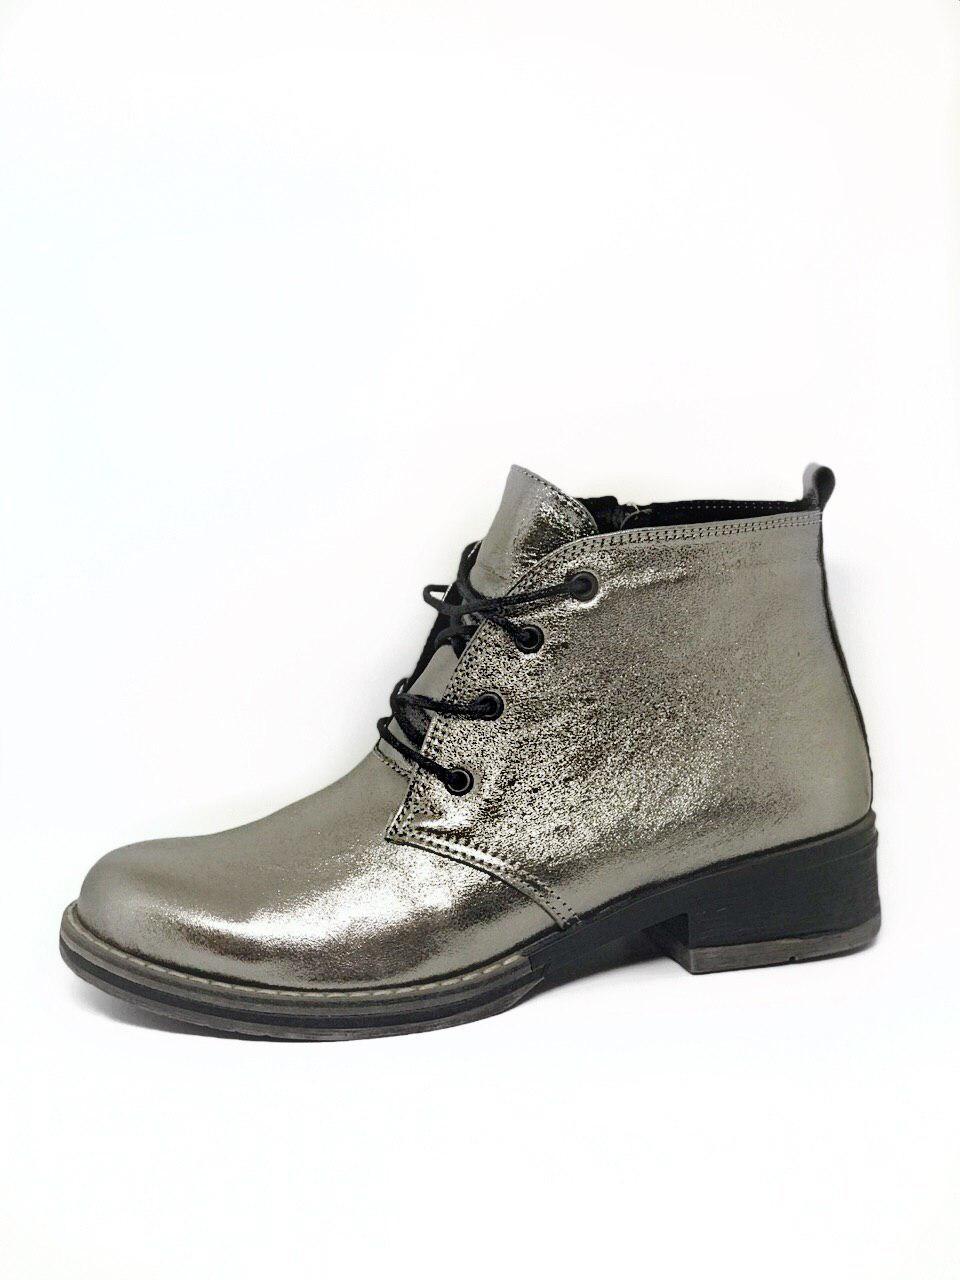 Женские демисезонные ботинки из натуральной кожи (никель)